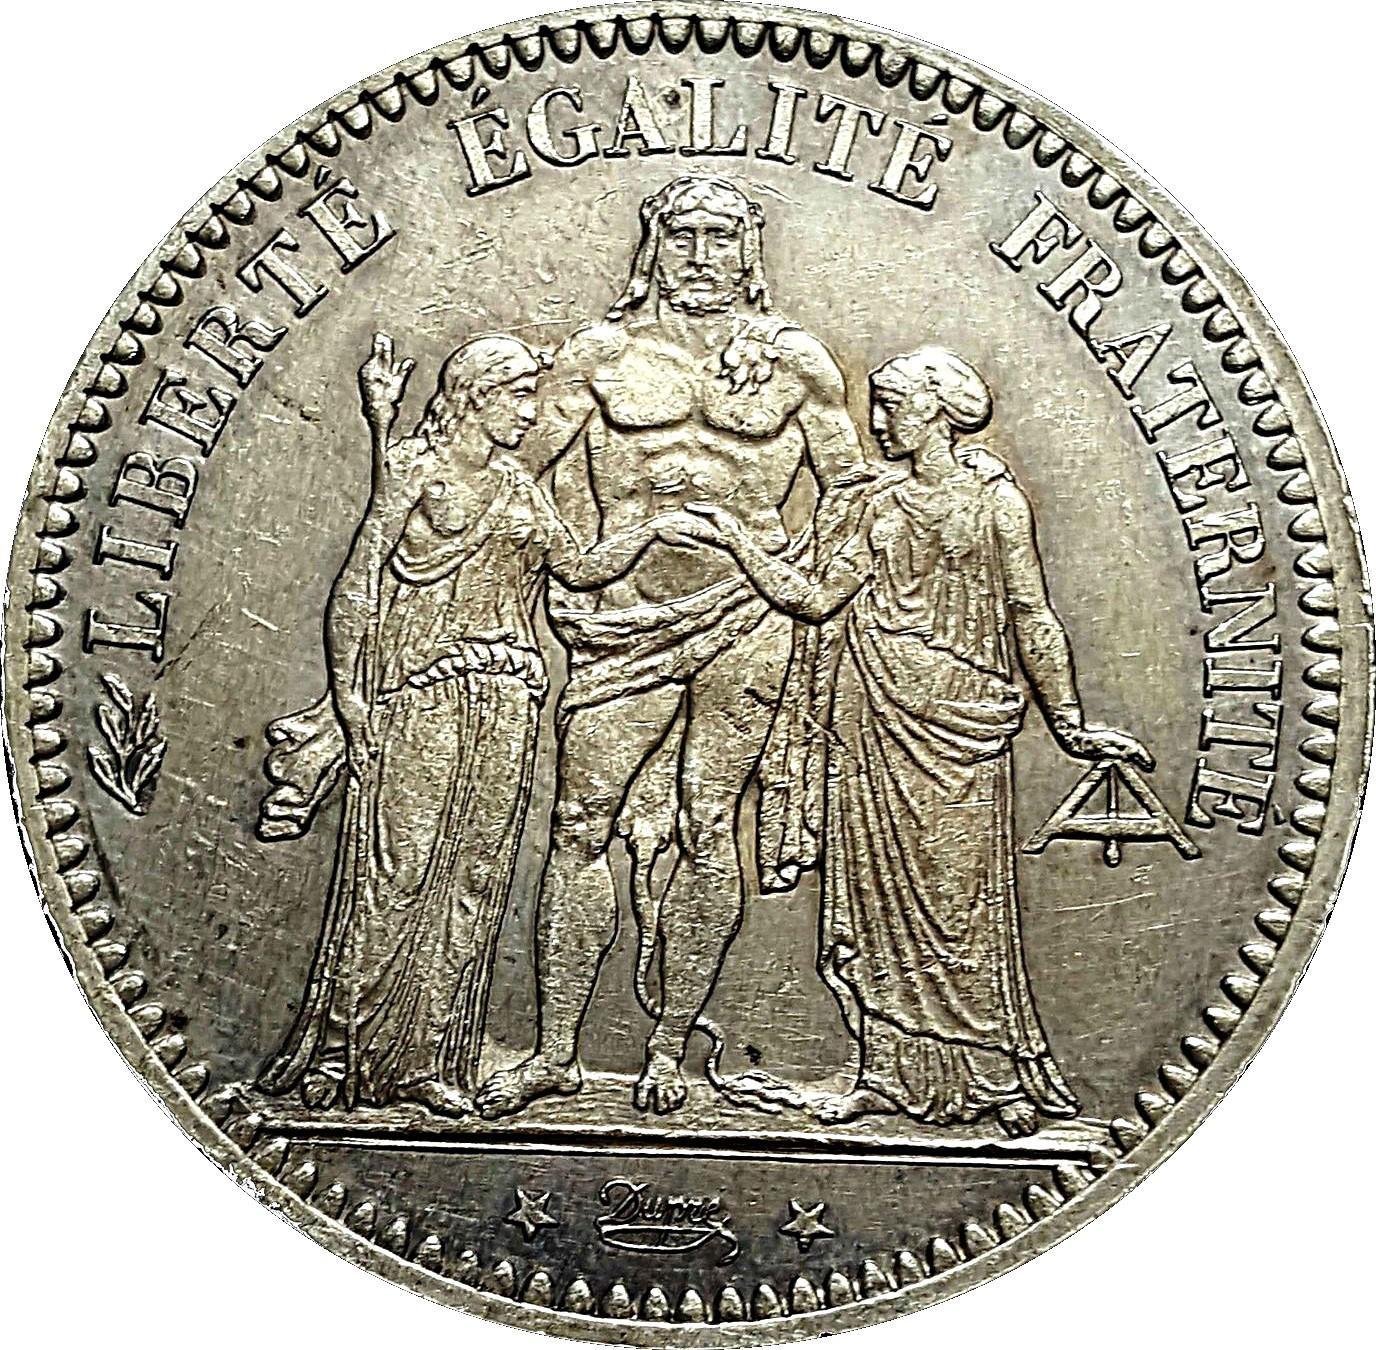 France 5 Francs (1870-1889)